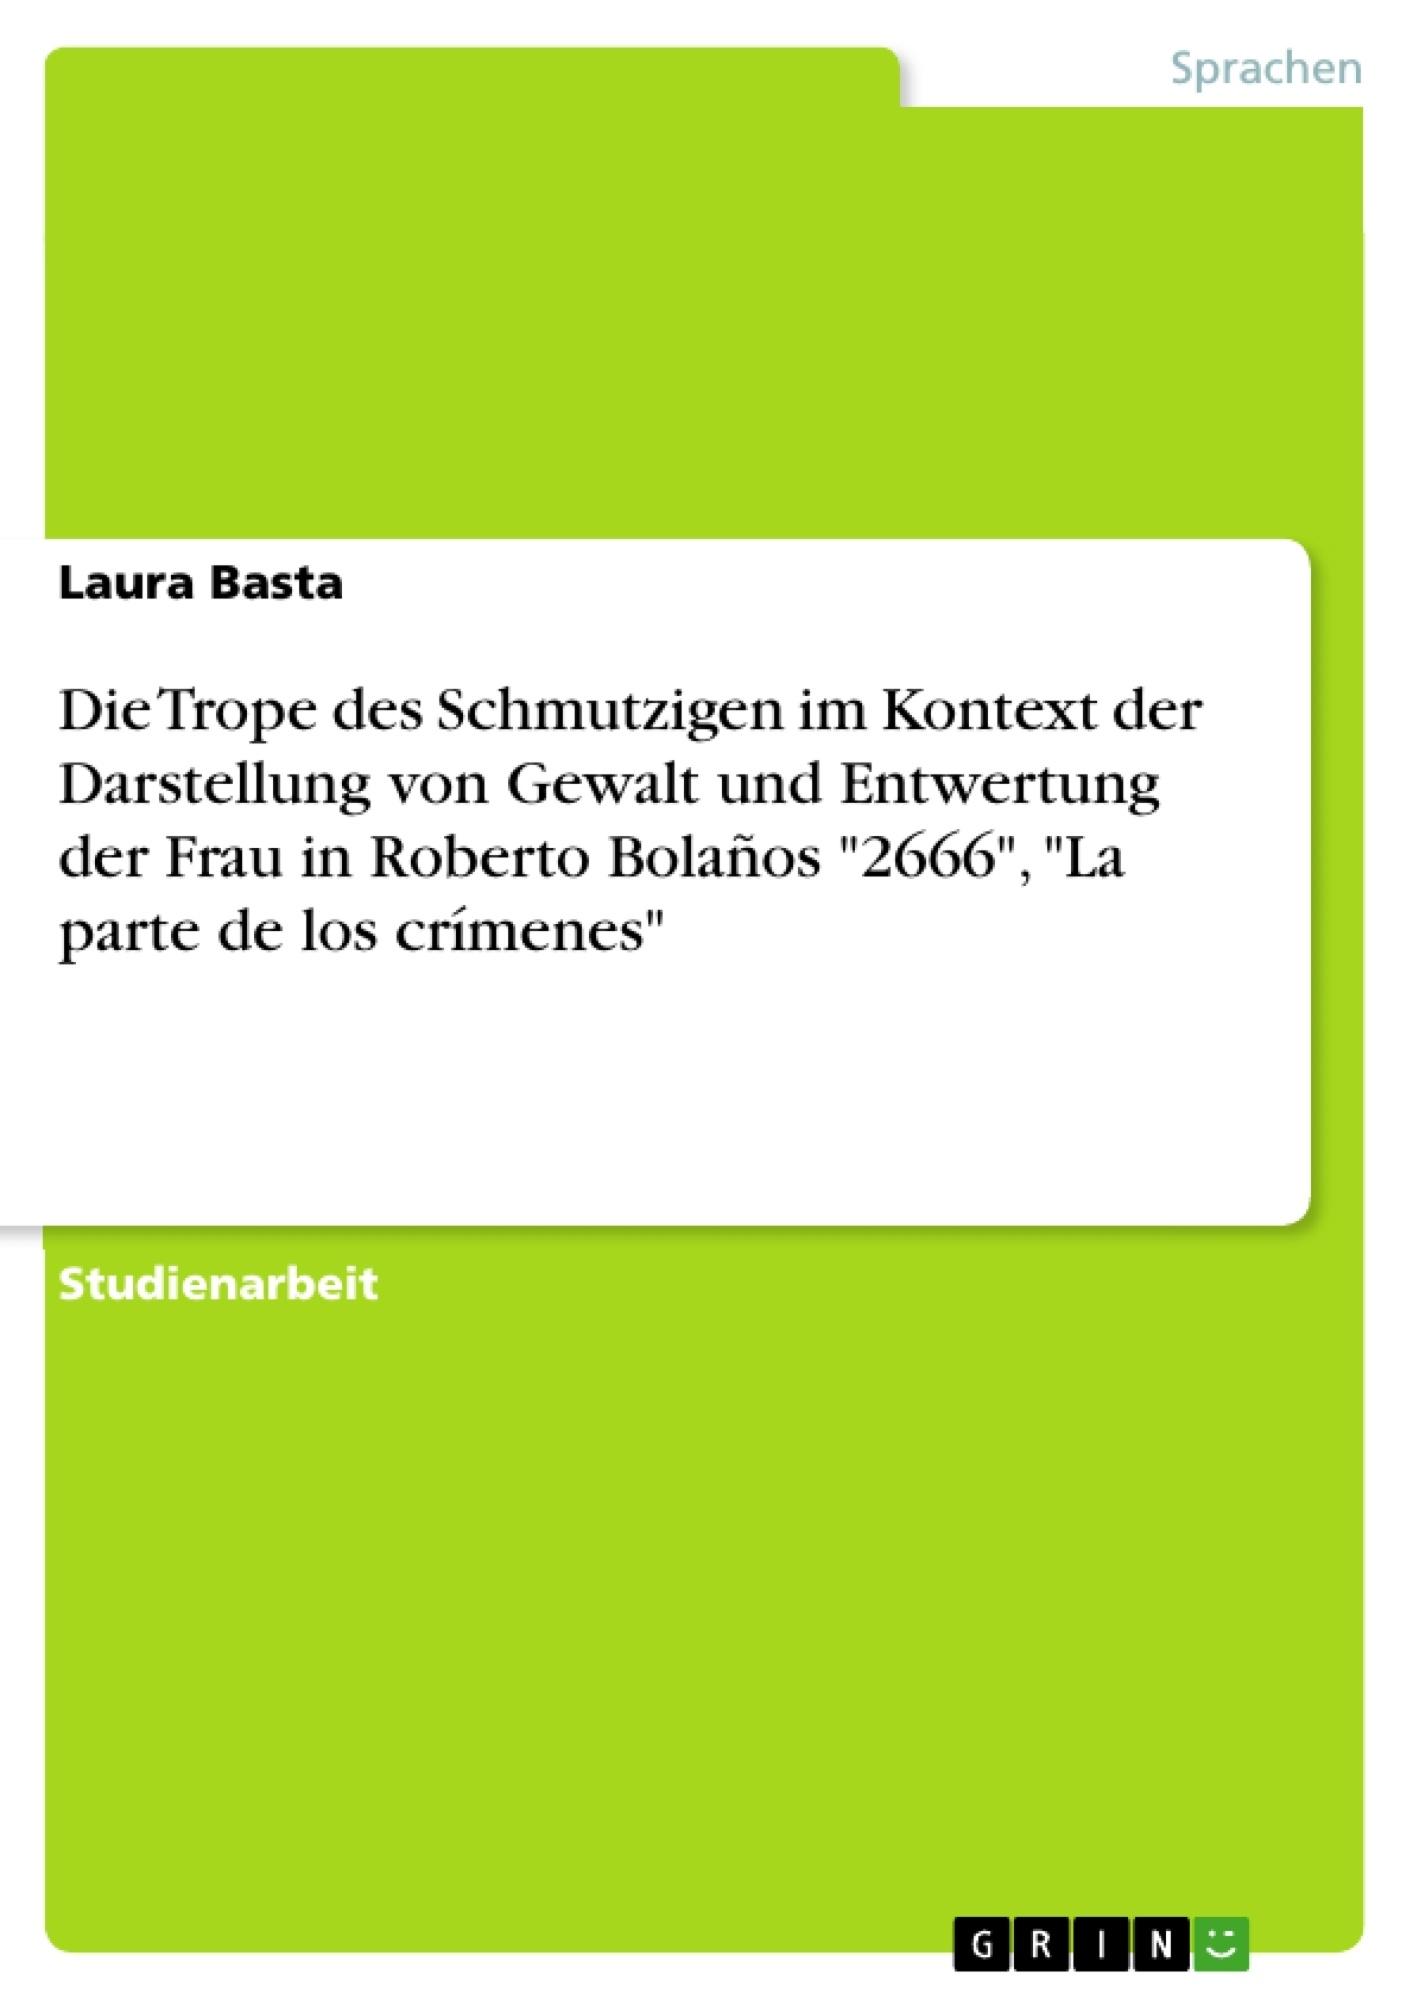 """Titel: Die Trope des Schmutzigen im Kontext der Darstellung von Gewalt und Entwertung der Frau in Roberto Bolaños """"2666"""", """"La parte de los crímenes"""""""